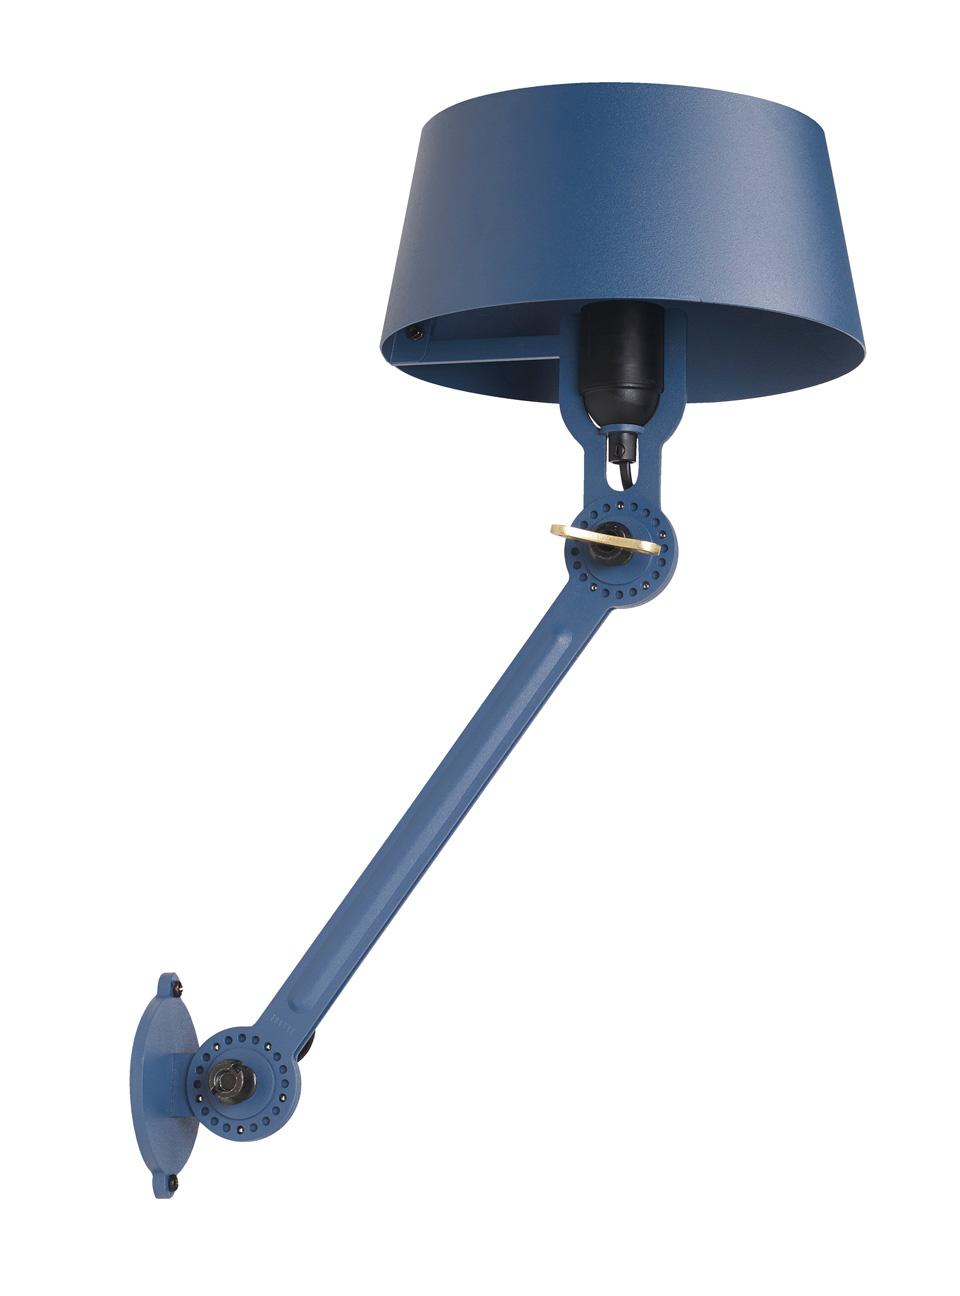 Applique bleue en métal grainé Bolt. Tonone.